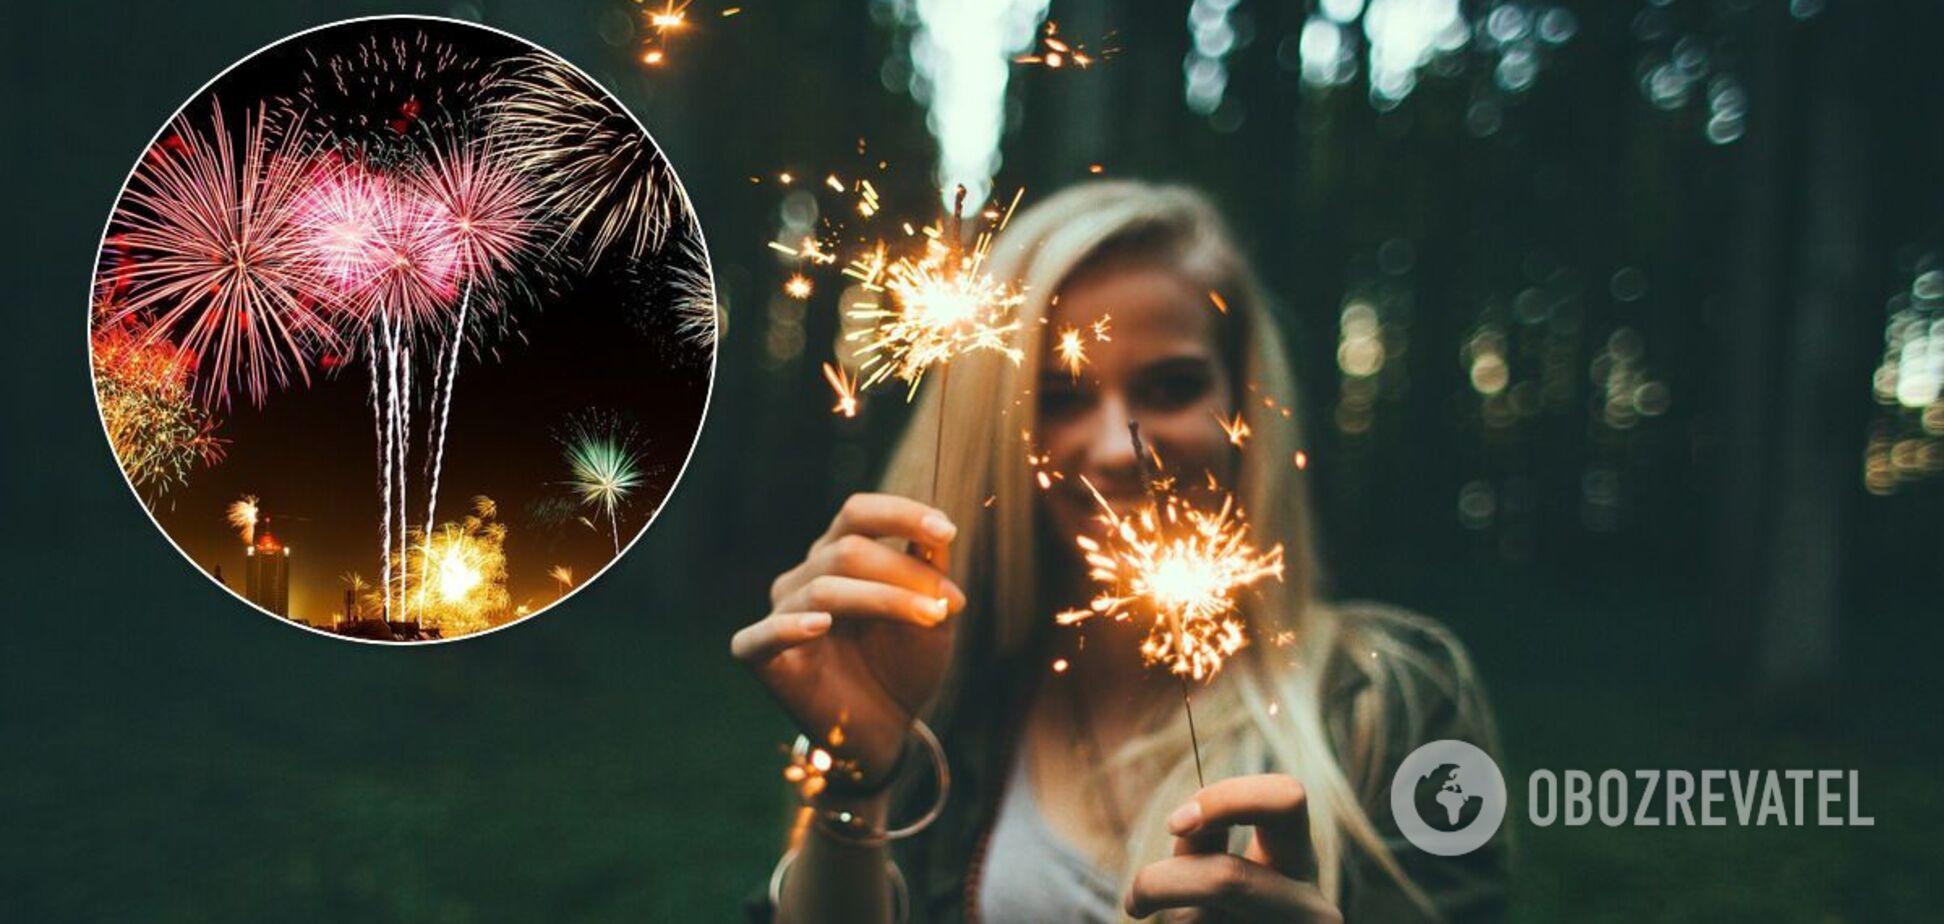 В некоторых странах запрещено законом отмечать Новый год 1 января